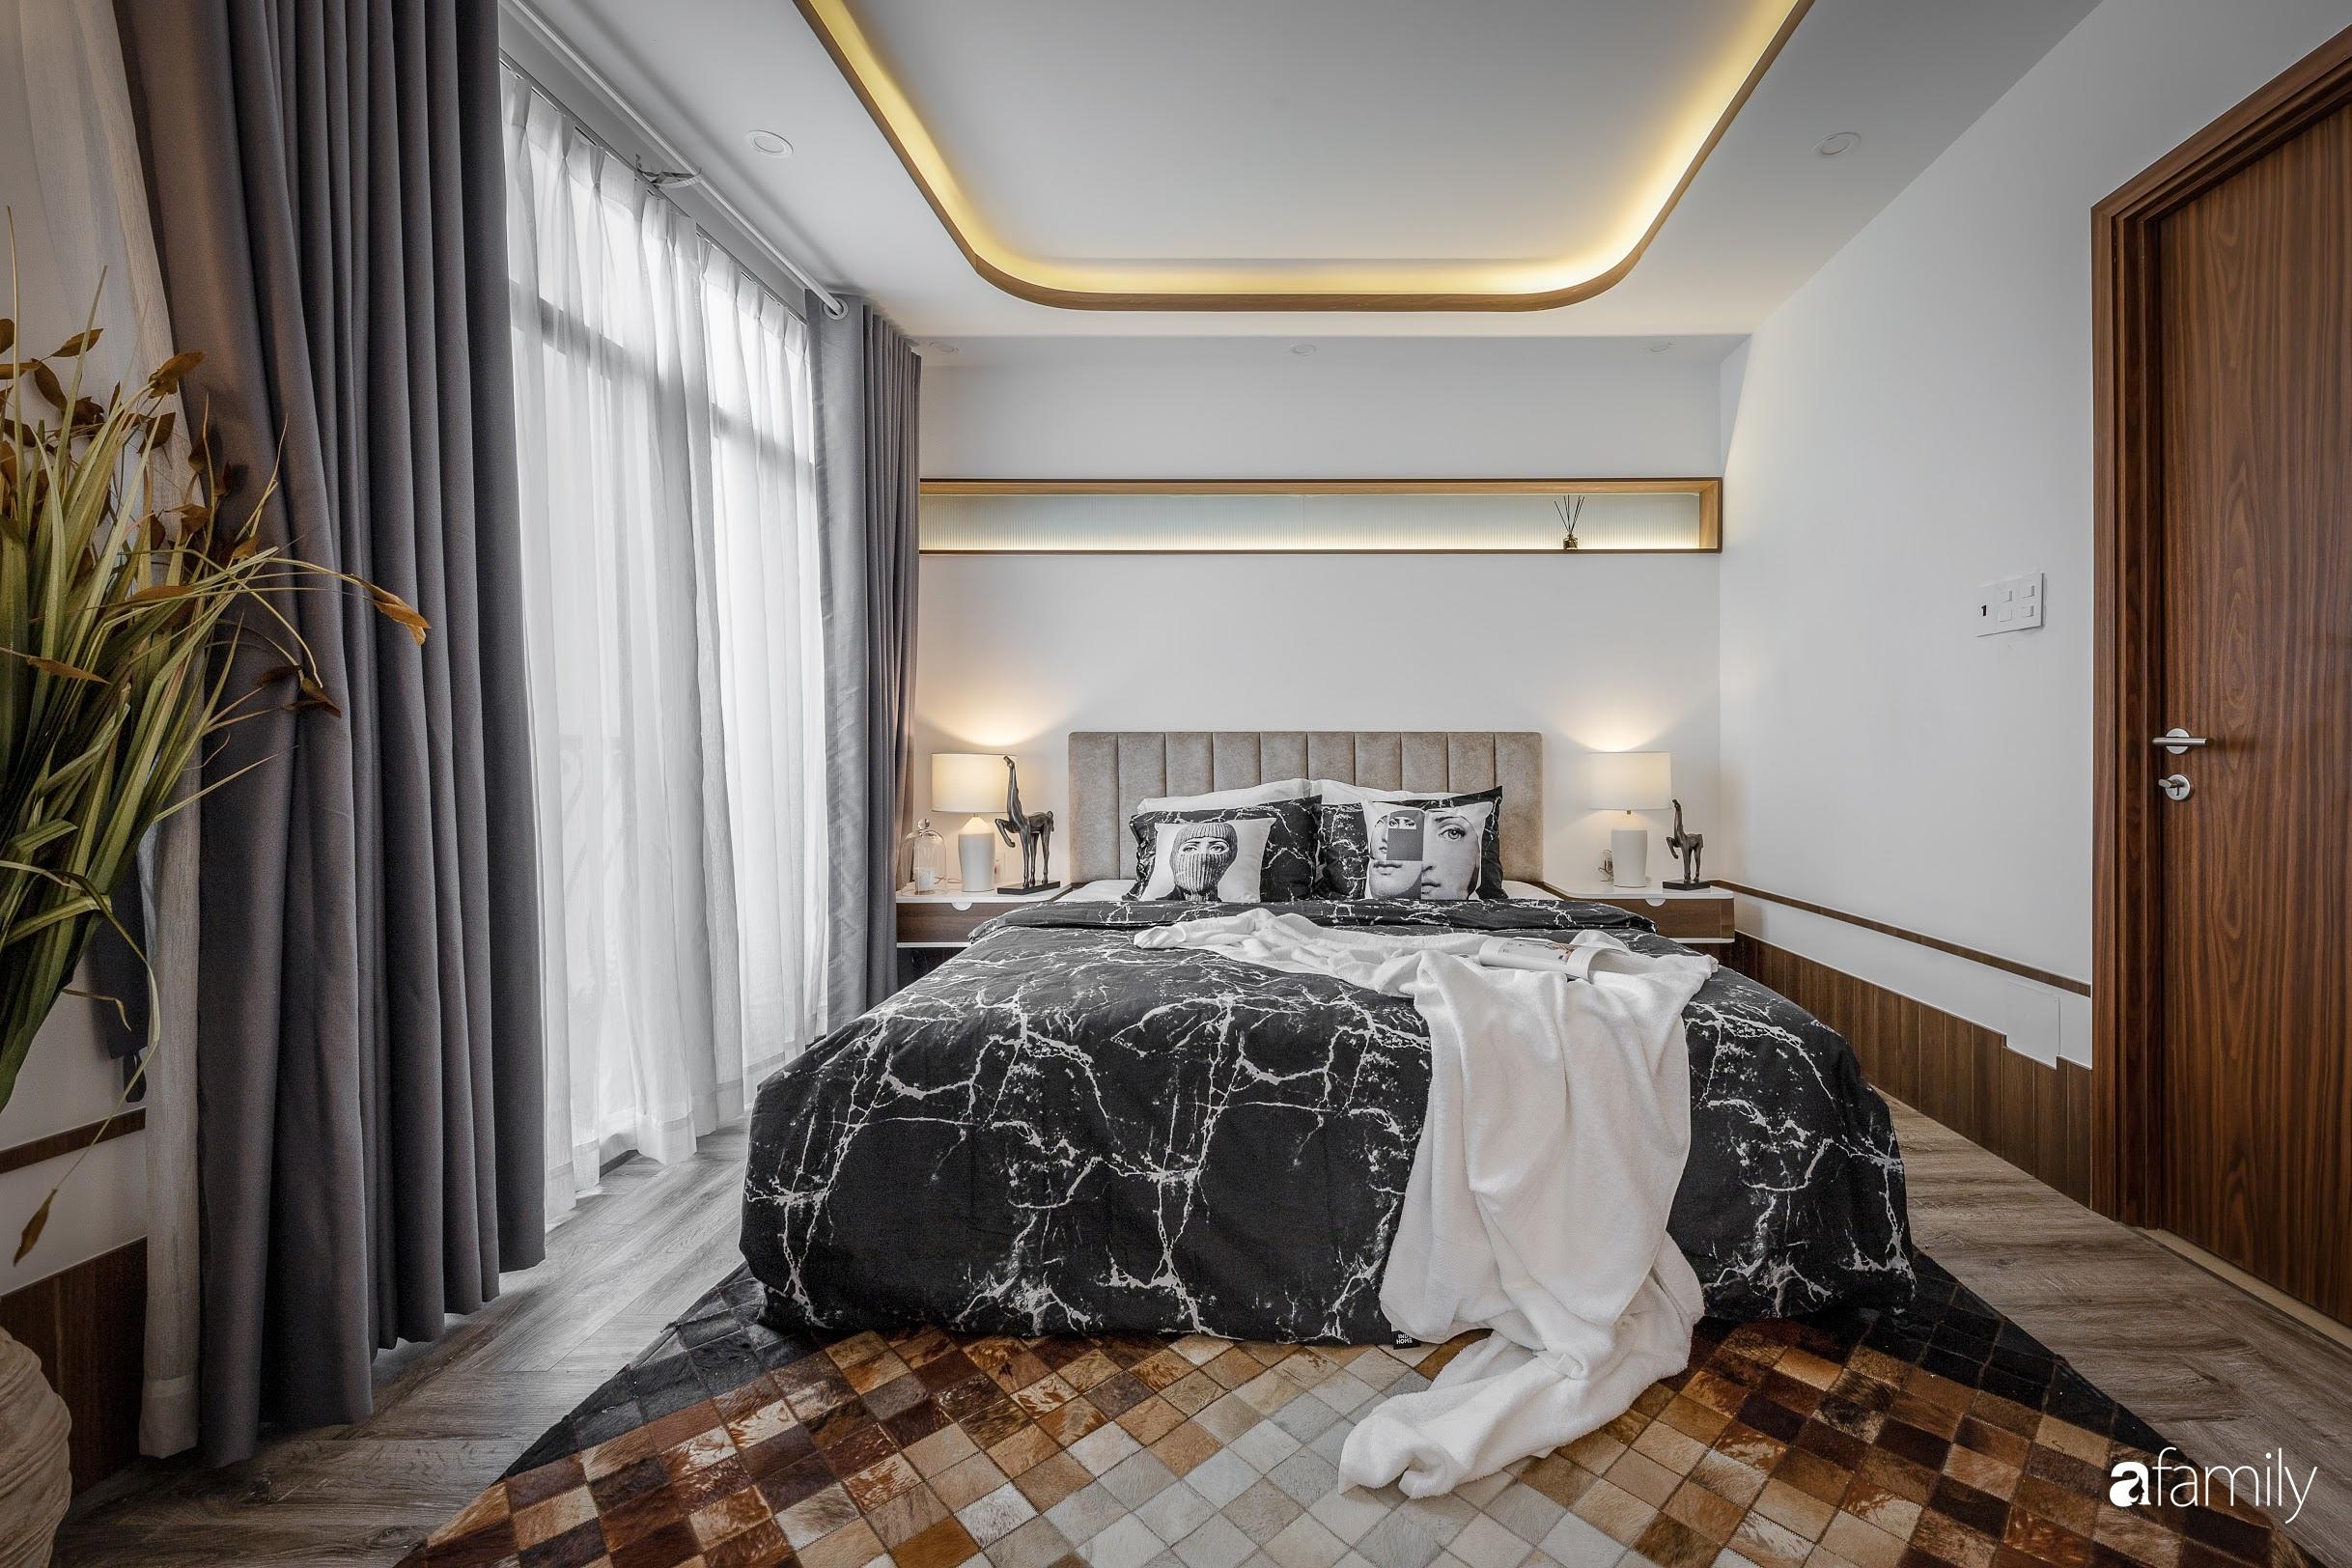 Căn nhà 5 tầng trong hẻm sang chảnh như resort cao cấp với chi phí thiết kế 900 triệu đồng ở TP HCMHCM - Ảnh 11.